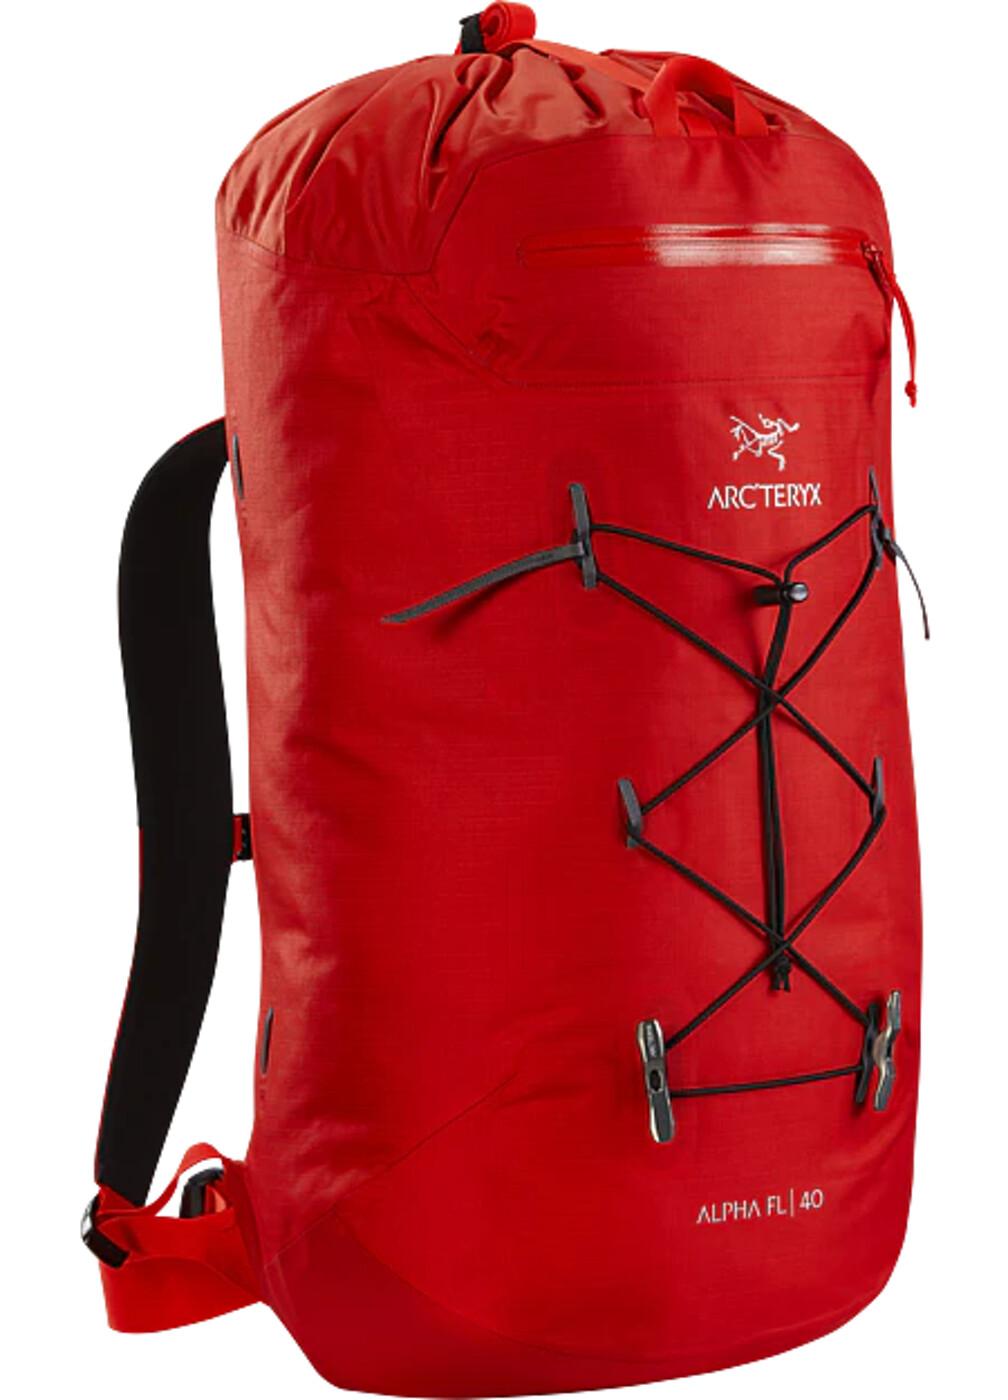 ARCTERYX Alpha FL 40 Backpack